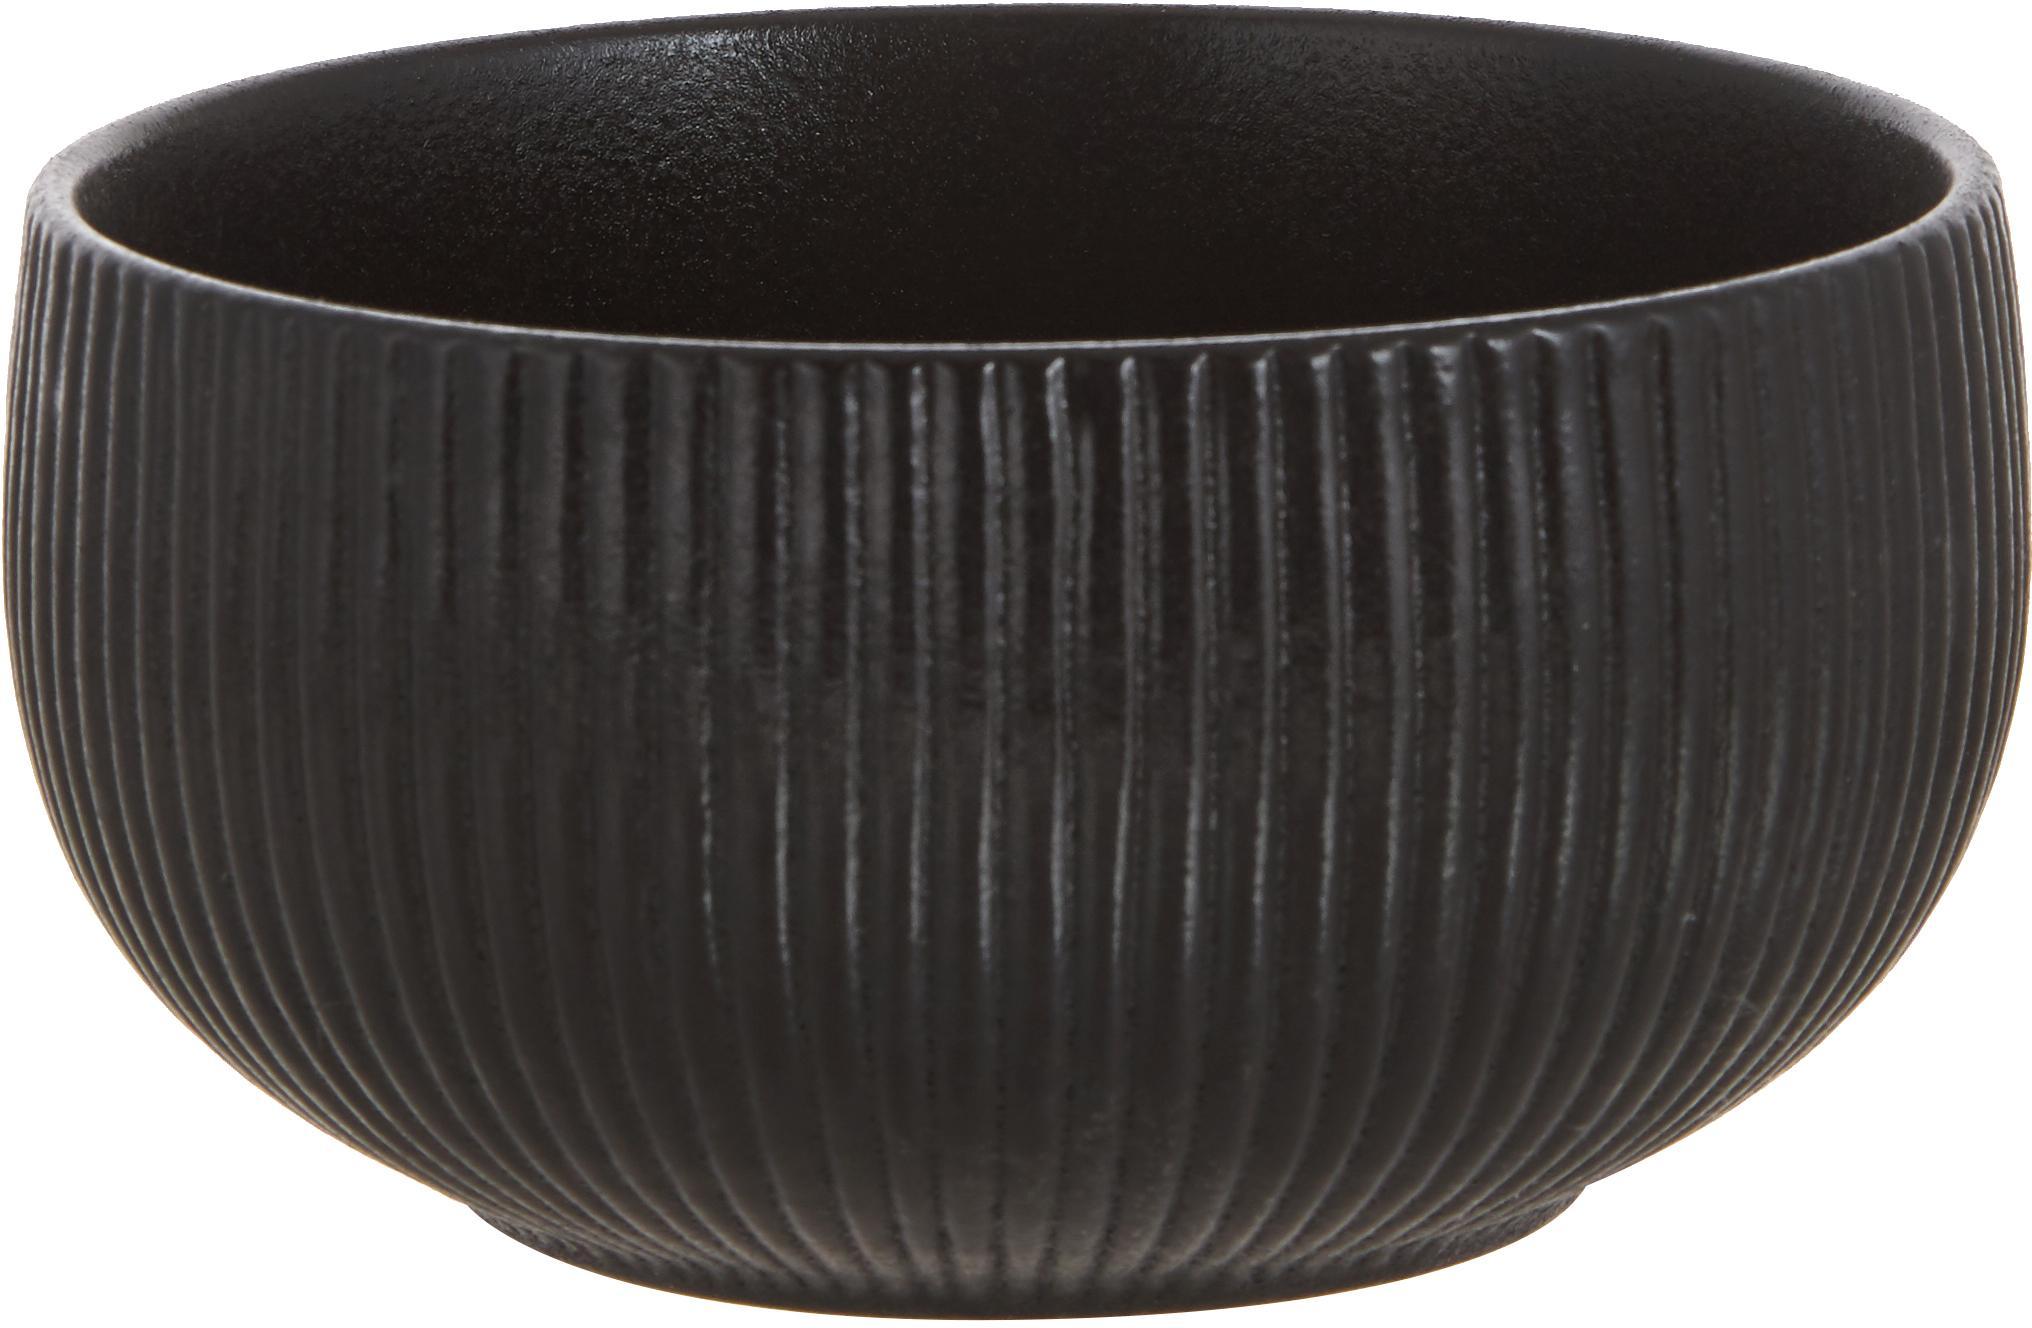 Schalen Neri, 2 stuks, Keramiek, Zwart, Ø 15 x H 8 cm